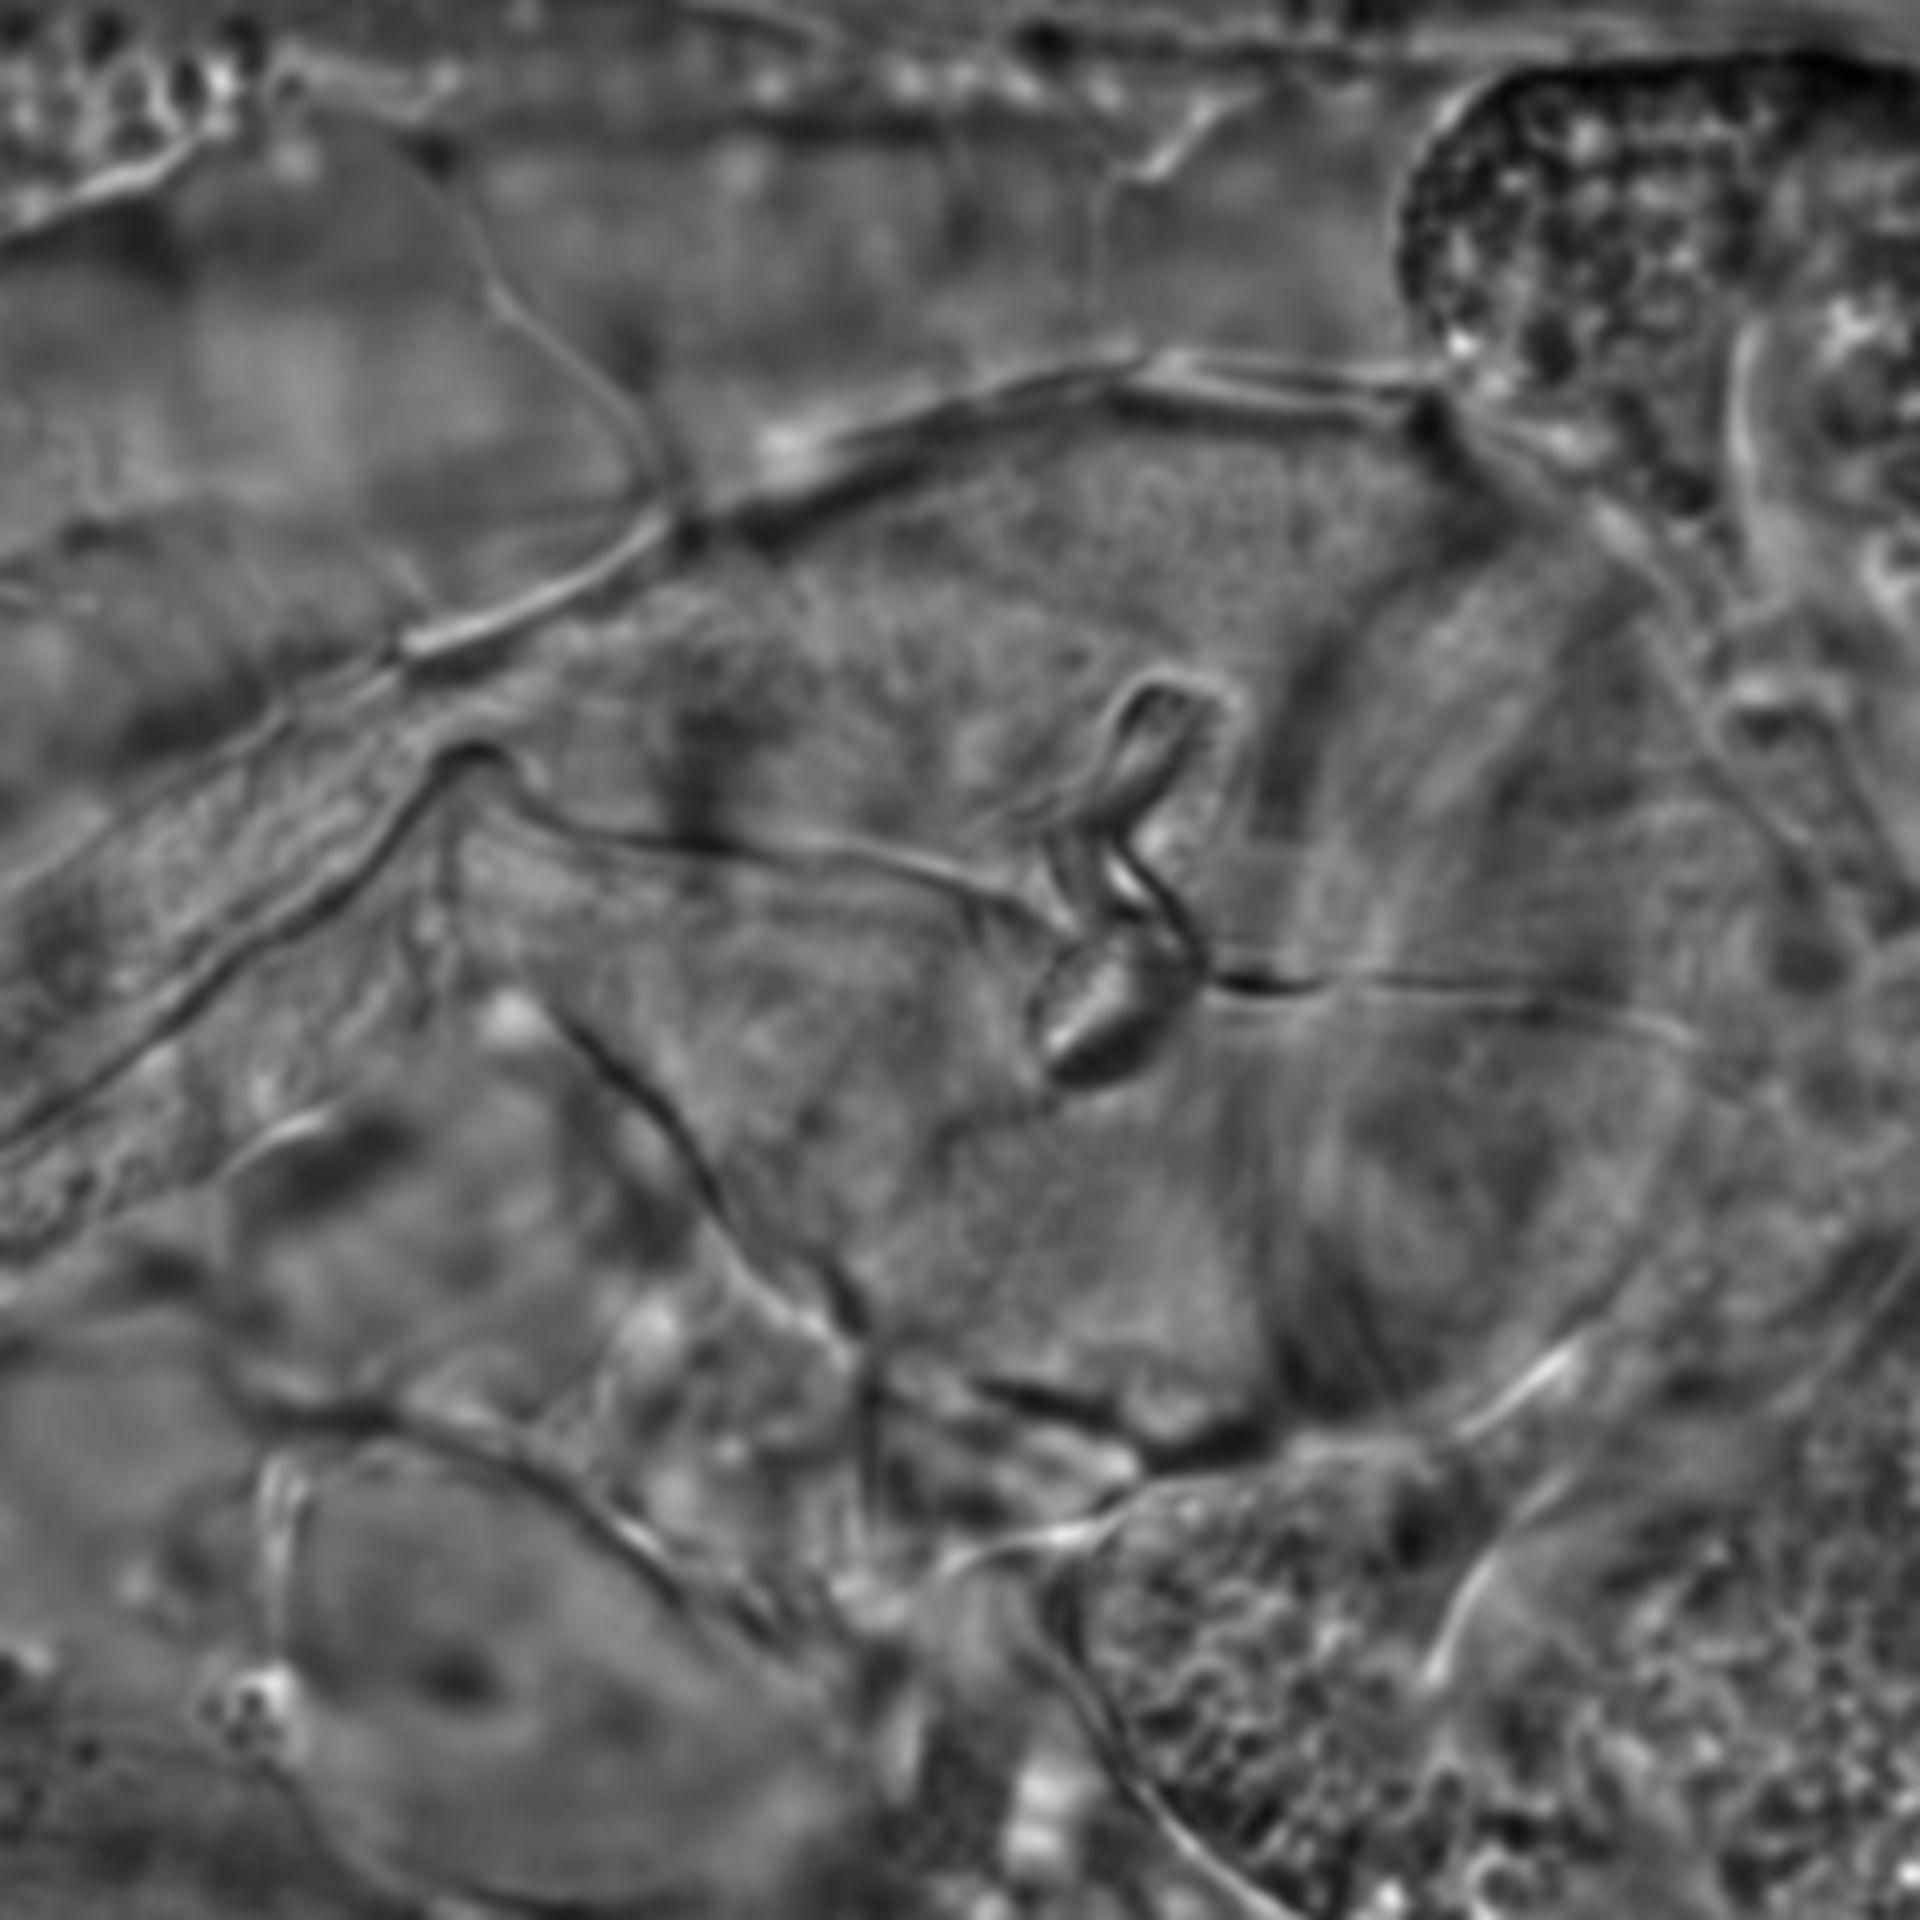 Caenorhabditis elegans - CIL:1642